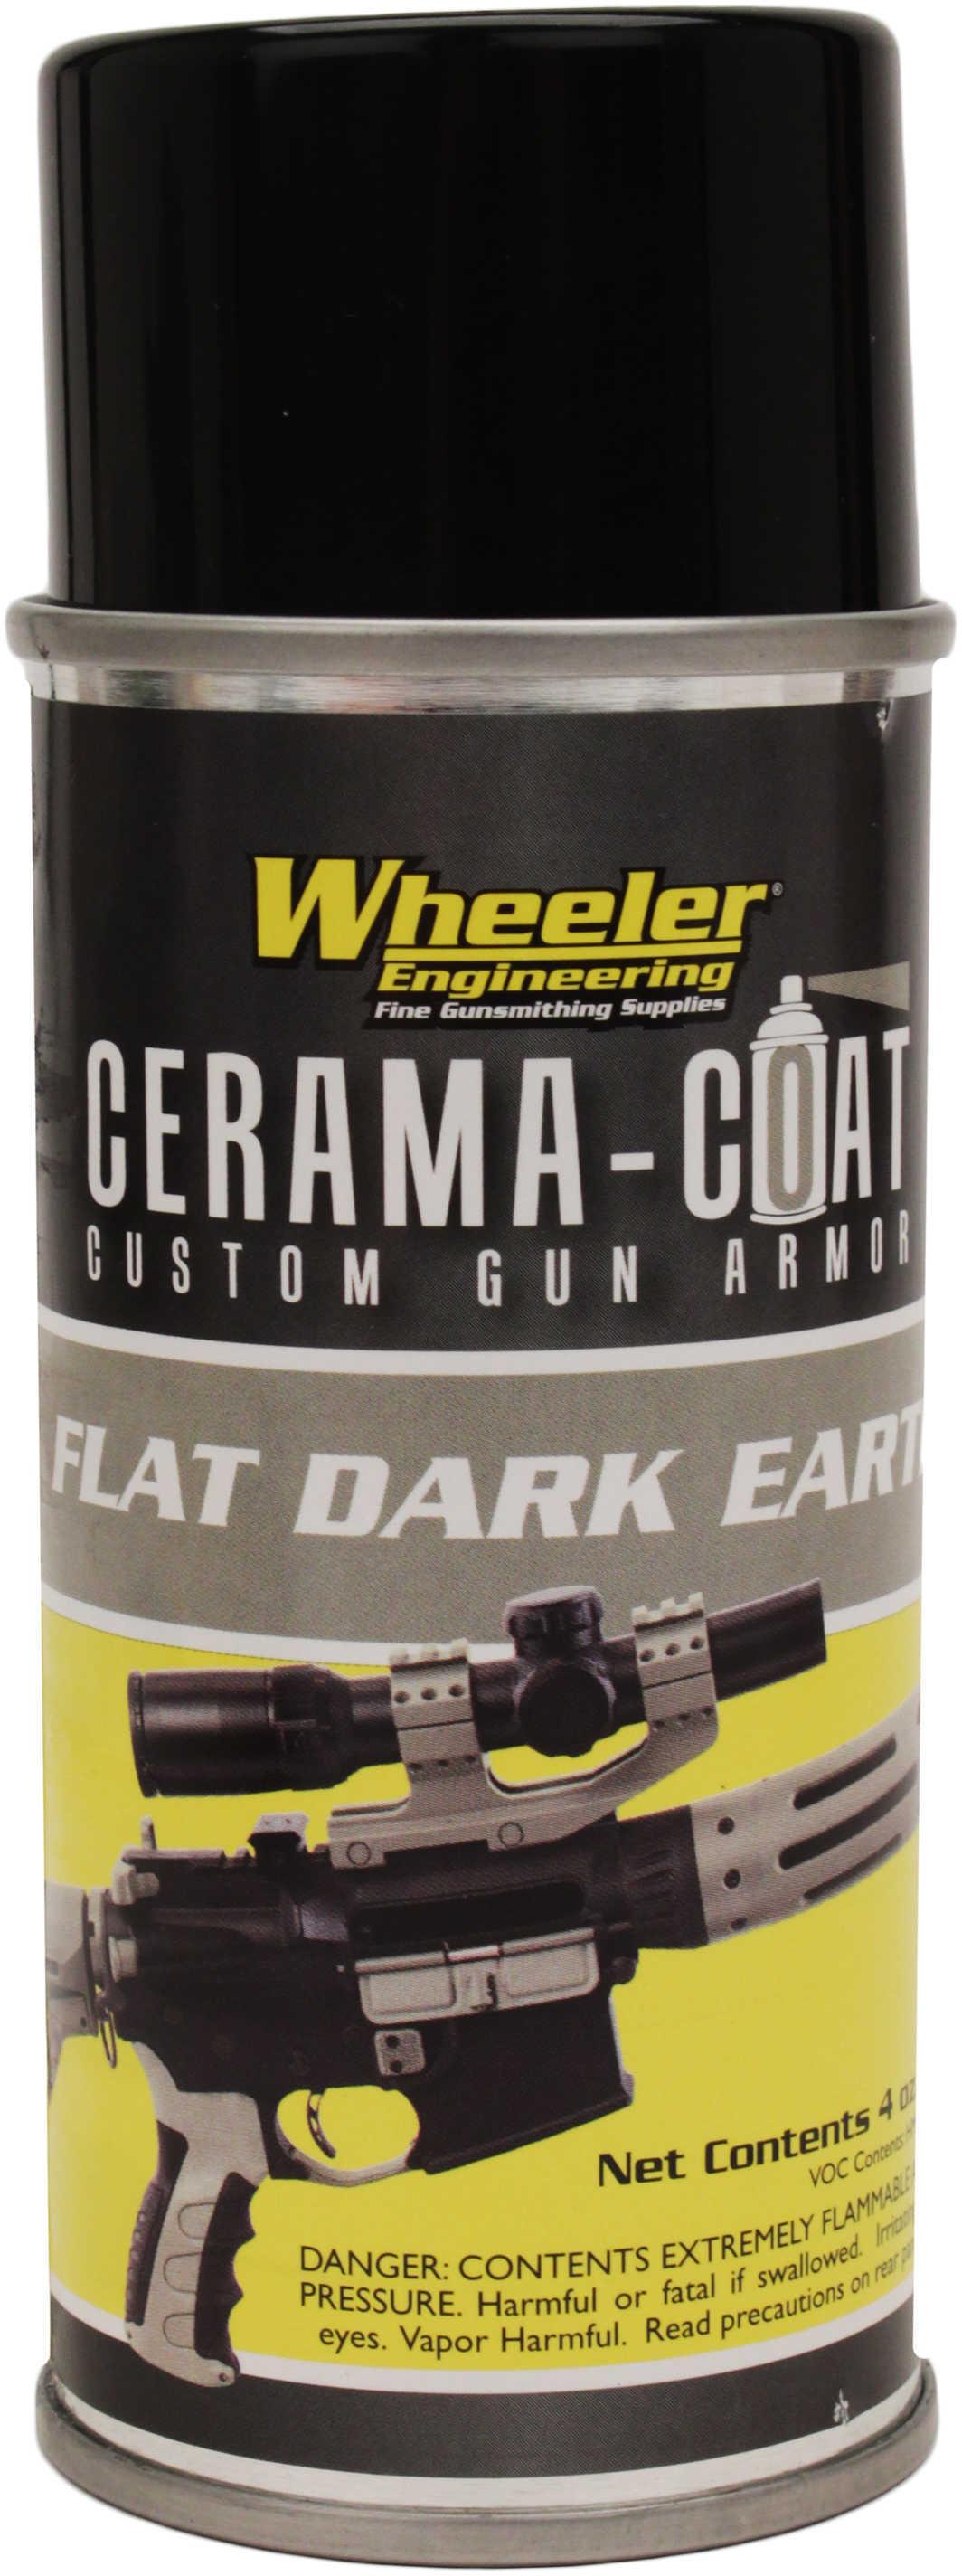 Wheeler CERAMA Coat Flat Dark Earth